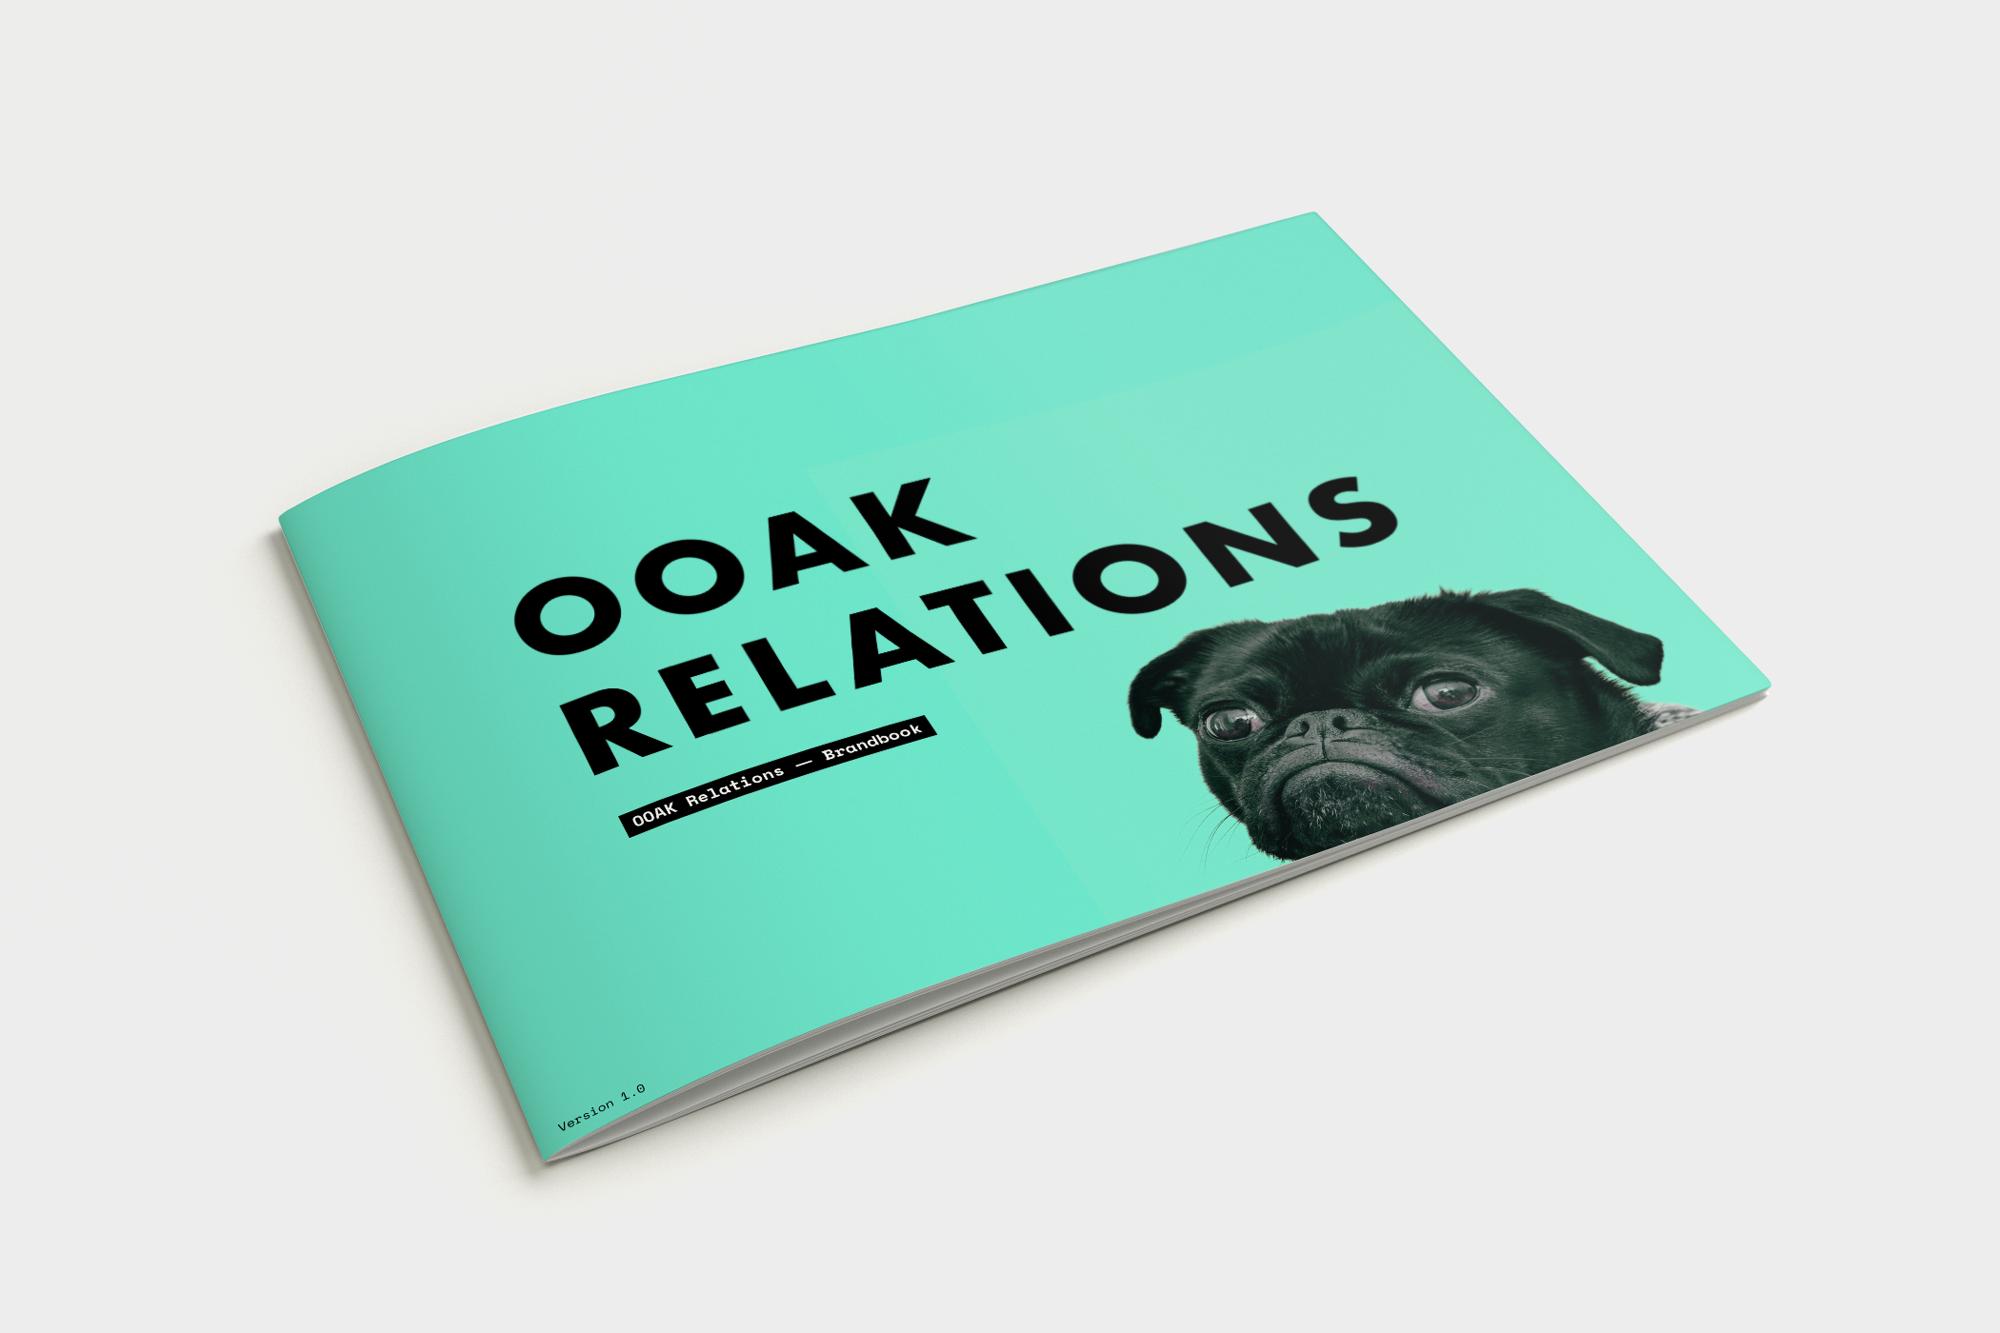 Ooak Relations